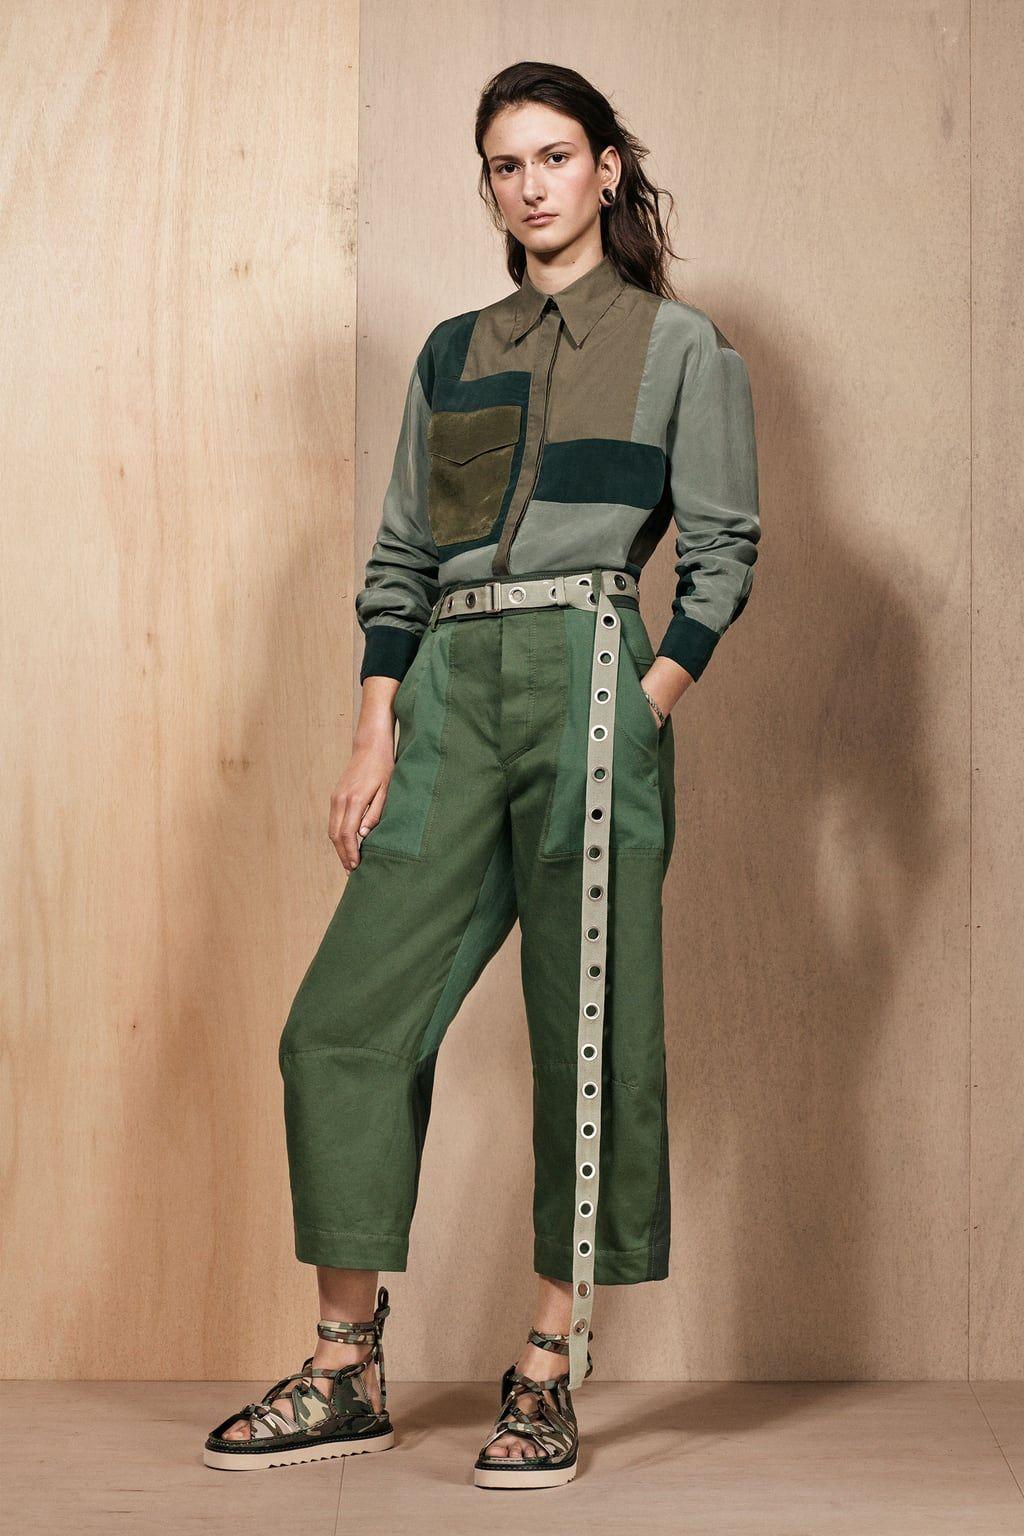 Militar Reinventar Srpls Lo Vuelve Look Como El Zara A Confirma La Y 8nvwOmN0